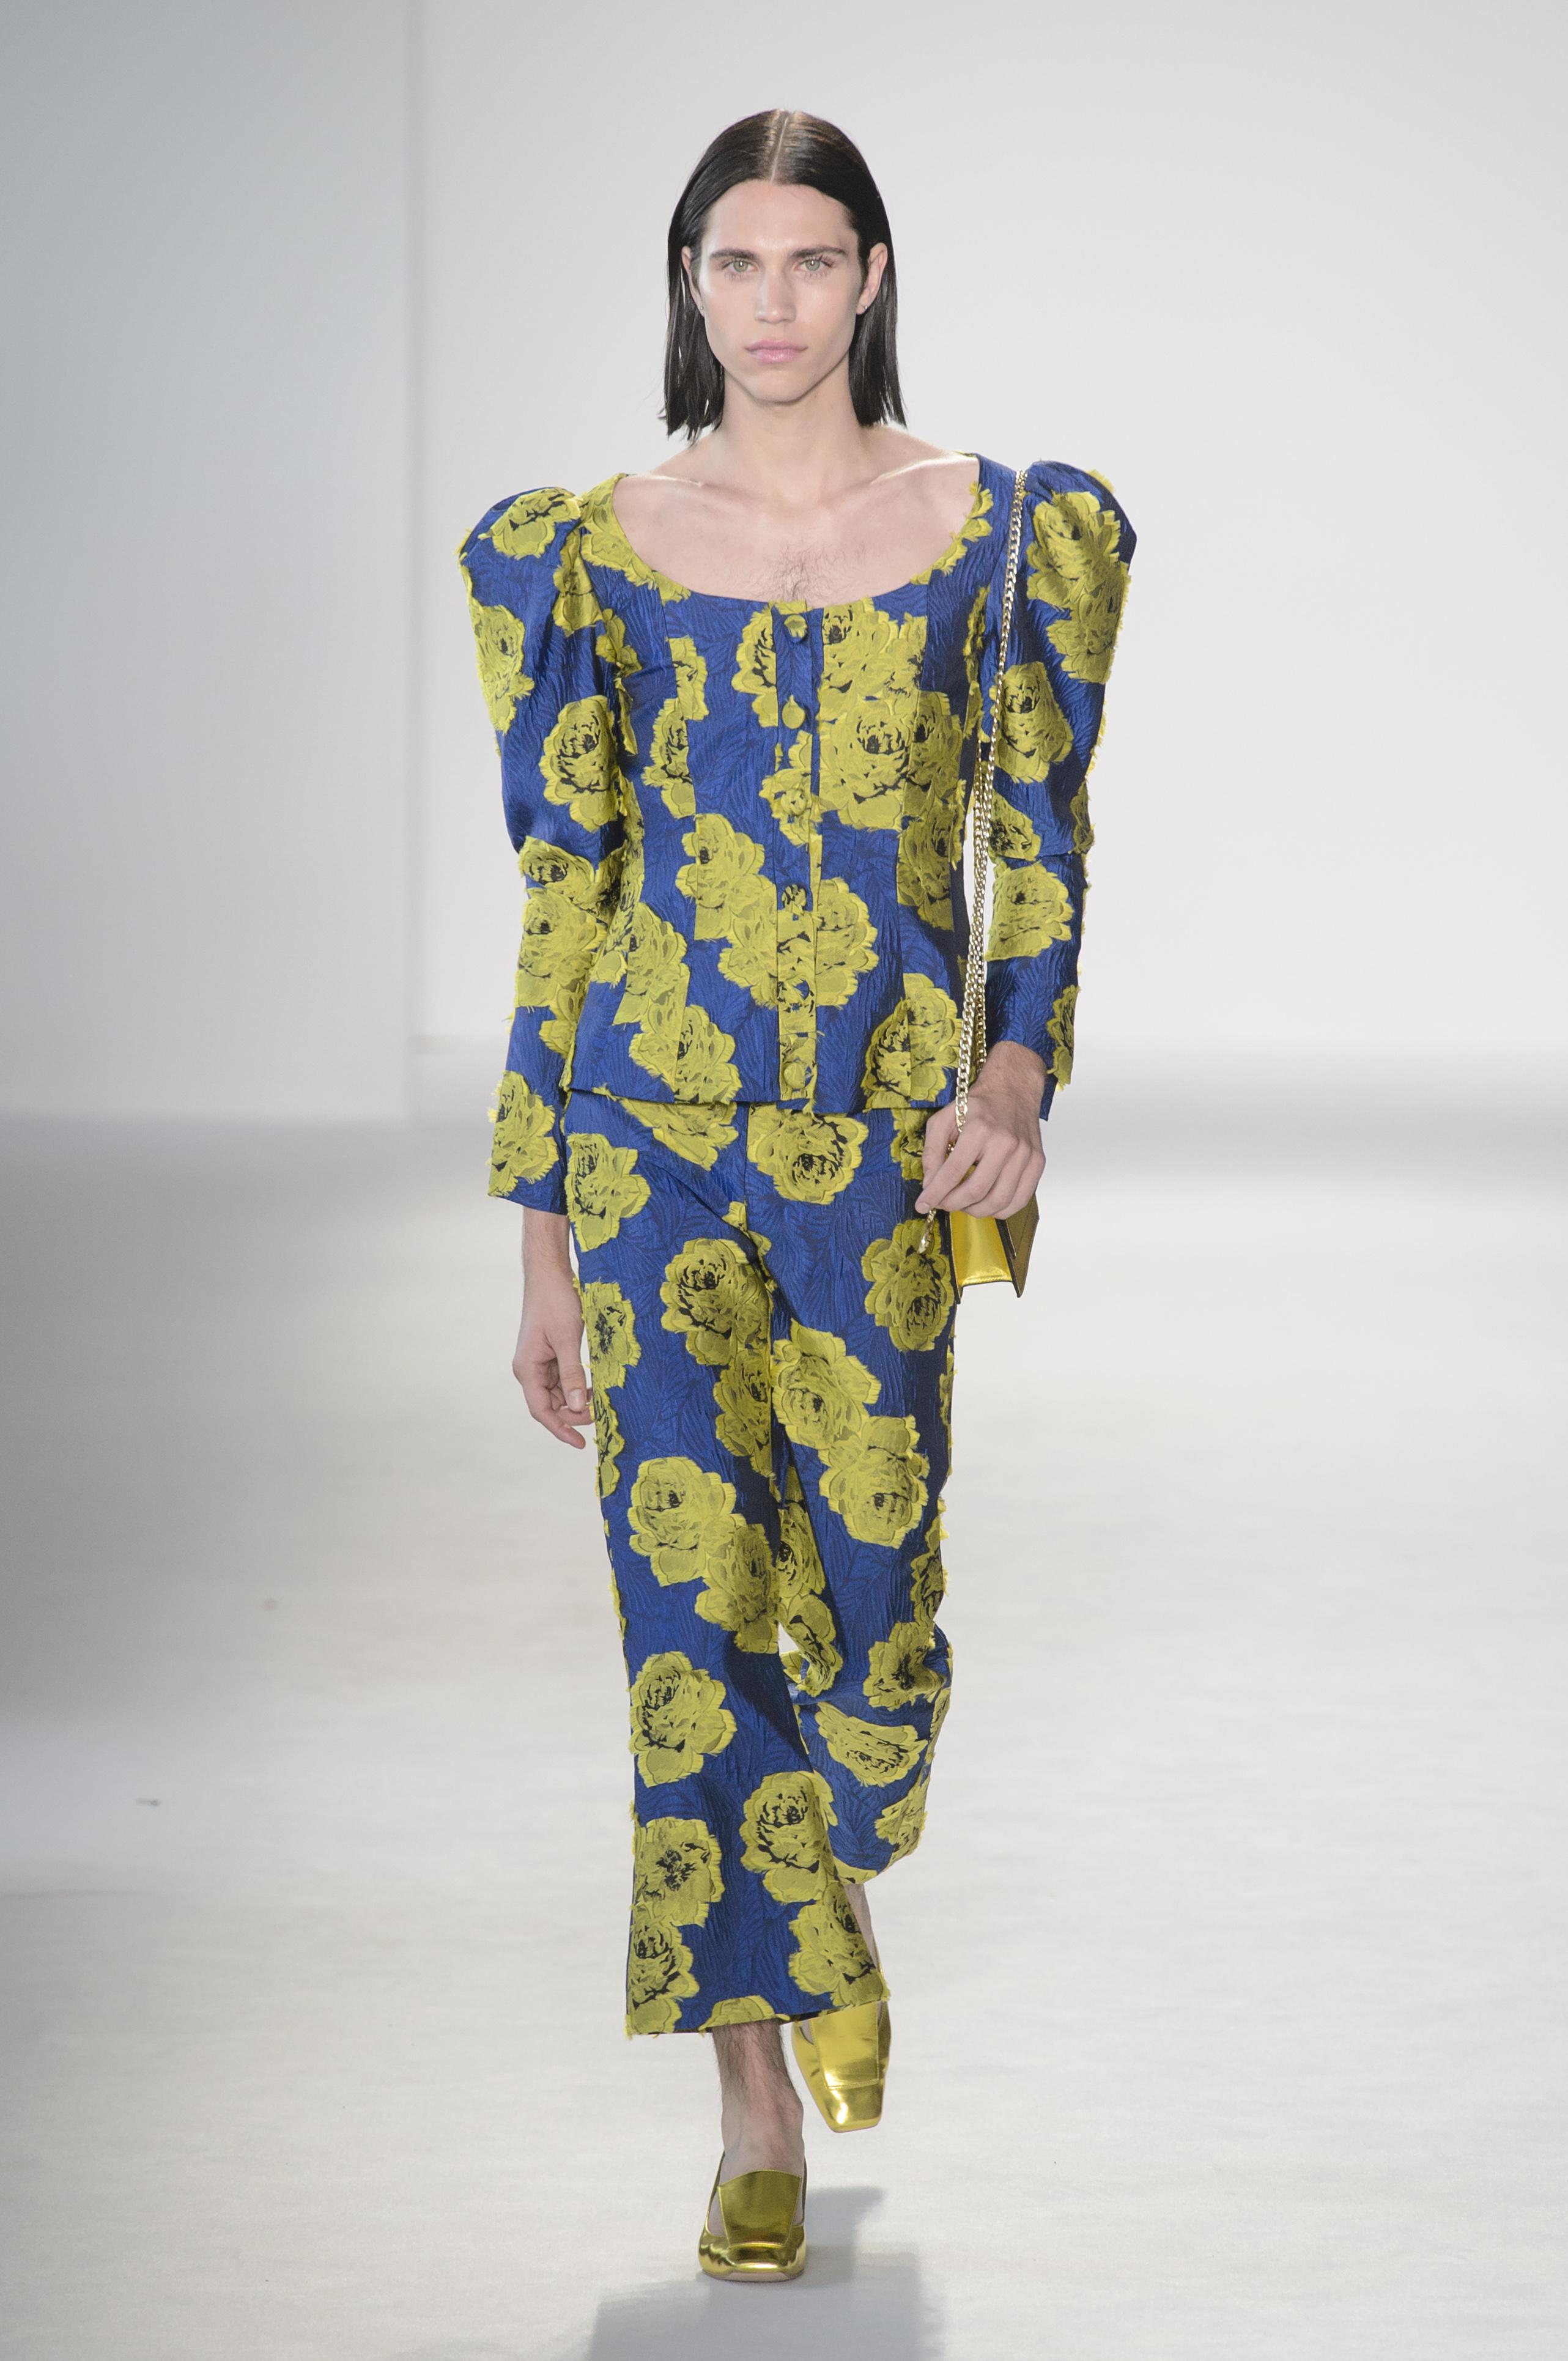 El desfile de Christian Siriano fue uno de los más diversos en donde incluyó a figuras como el modelo Austin Kairis quien lució ropa de  mujer (WGSN)